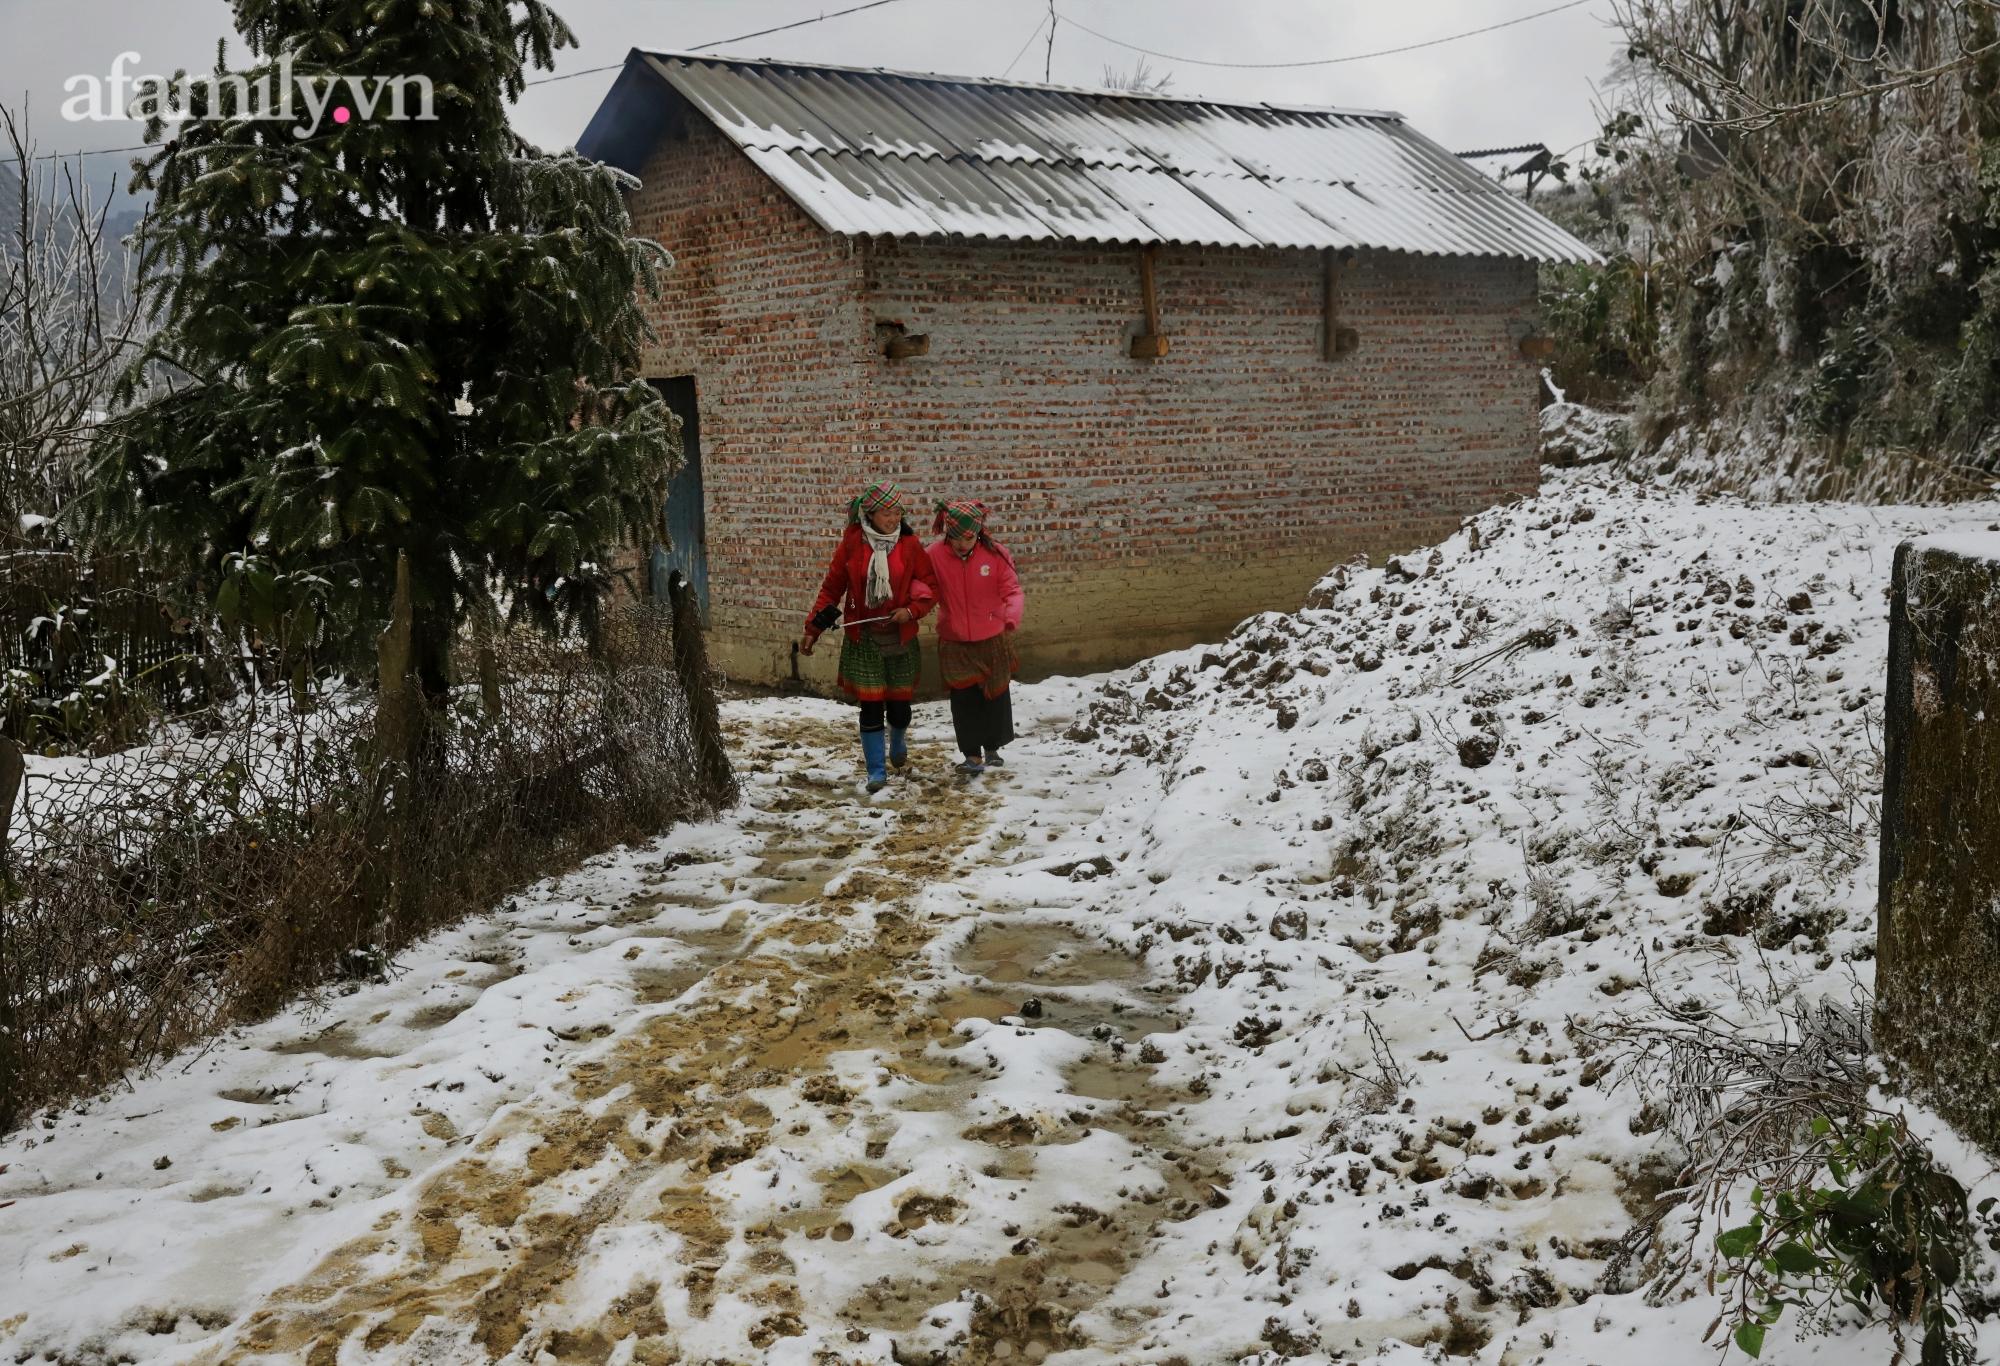 Sững sờ trước khung cảnh tuyết rơi phủ trắng đỉnh đồi Y Tý, du khách thích thú check in giữa trời trắng xóa - Ảnh 20.